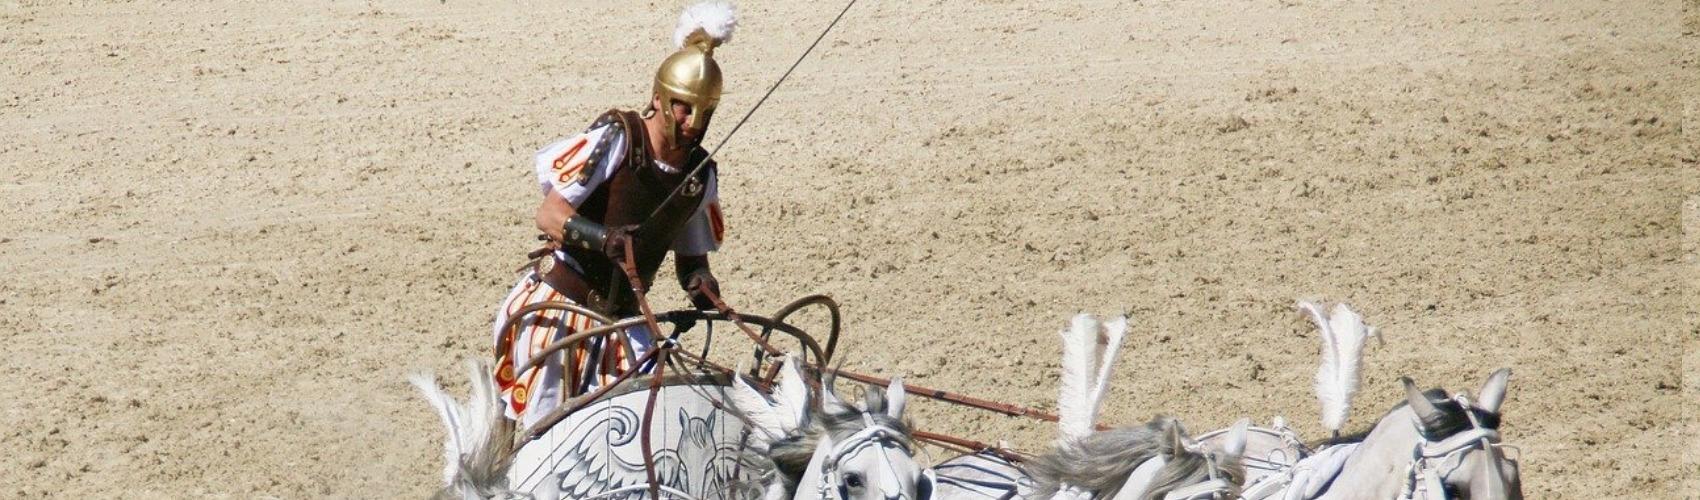 ⑷客観的評価システムを西欧の歴史1⃣(ローマ帝国)を踏まえて考証